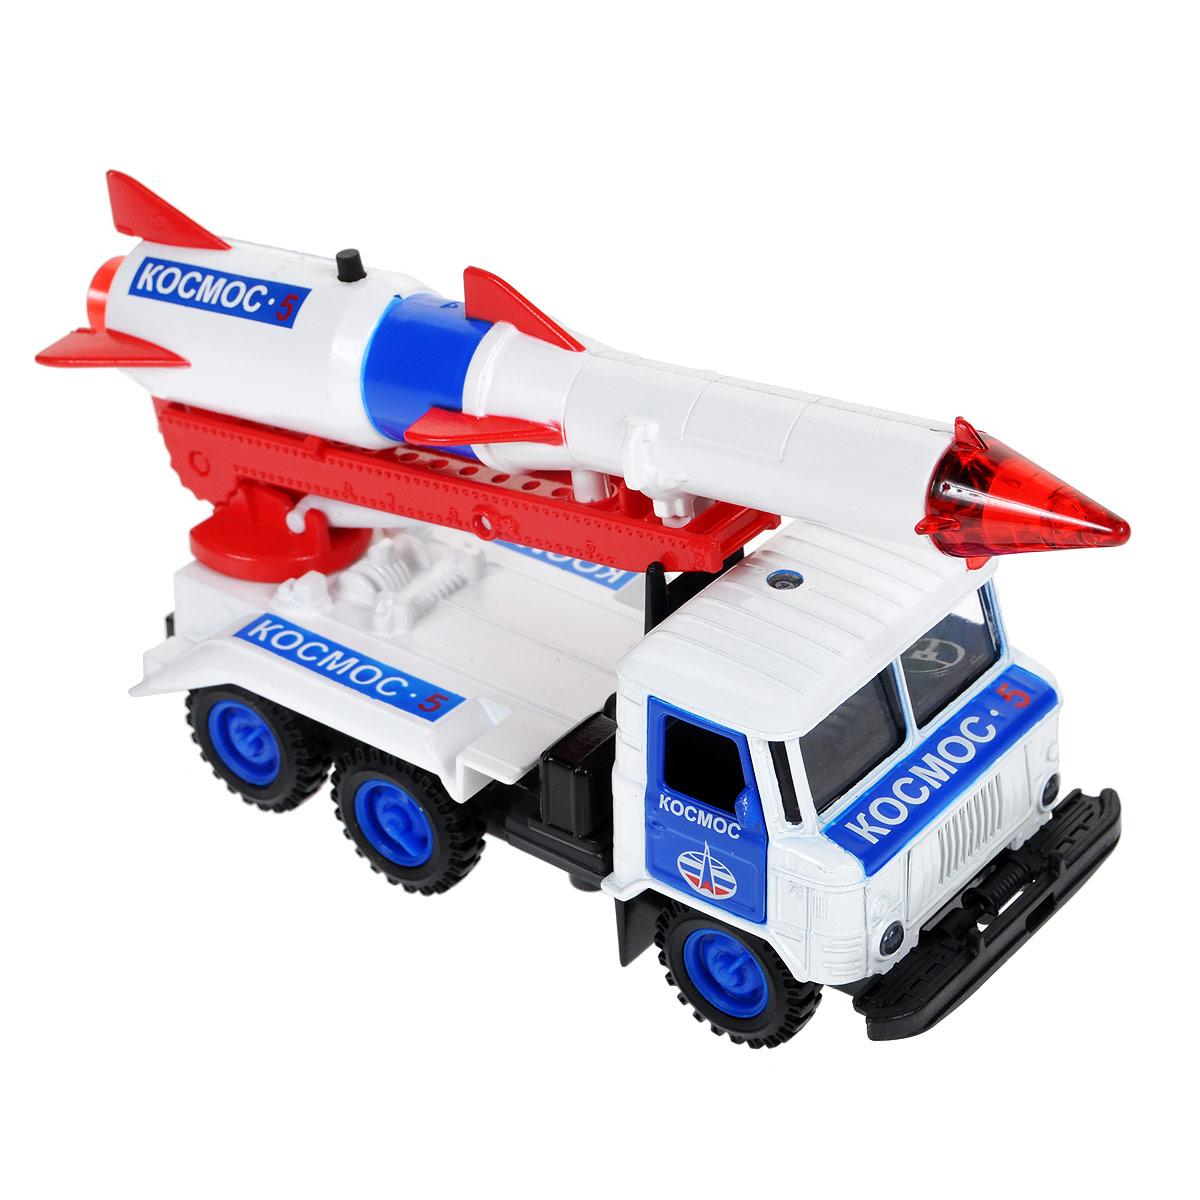 ТехноПарк Машинка инерционная ГАЗ 66 с ракетой КосмосCT-1299-R-1Машинка ТехноПарк ГАЗ 66 с ракетой Космос, выполненная из пластика и металла, станет любимой игрушкой вашего малыша. Игрушка представляет собой машину ГАЗ 66, оснащенный подвижной установкой с пусковой ракетой Космос и открывающимися дверьми. При нажатии кнопки на пушке кончик ракеты начинает светиться, при этом слышны звуки стрельбы. Игрушка оснащена инерционным ходом. Машинку необходимо отвести назад, отпустить - и ГАЗ 66 быстро поедет вперед. Ваш ребенок будет часами играть с этой машинкой, придумывая различные истории. Порадуйте его таким замечательным подарком! Машинка работает от 3 батареек LR41 напряжением 1,5V (товар комплектуется демонстрационными).